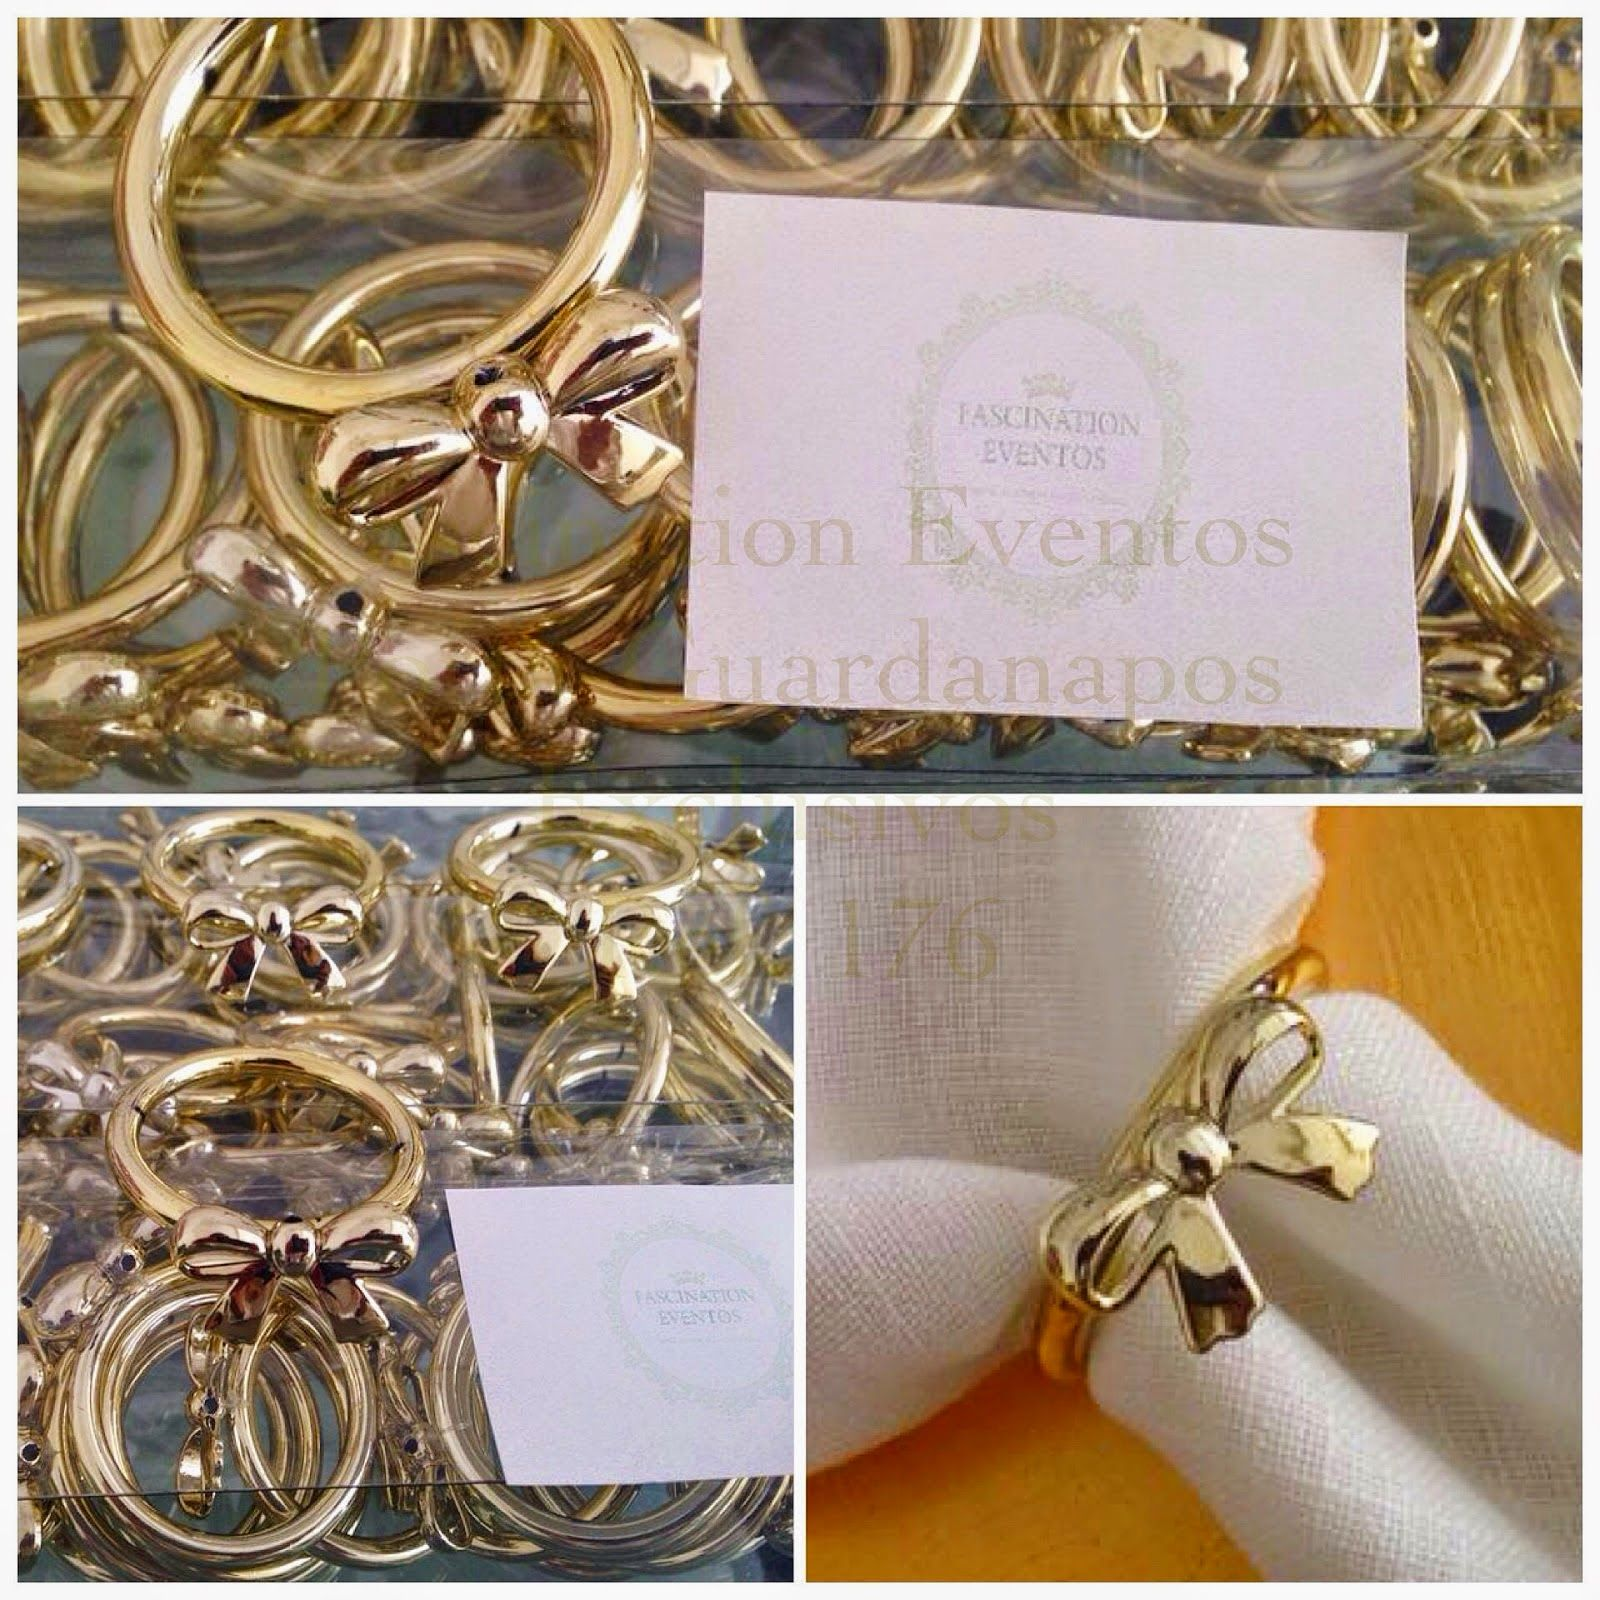 Porta guardanapos para casamentos e eventos em geral - Porta e bini catalogo ...